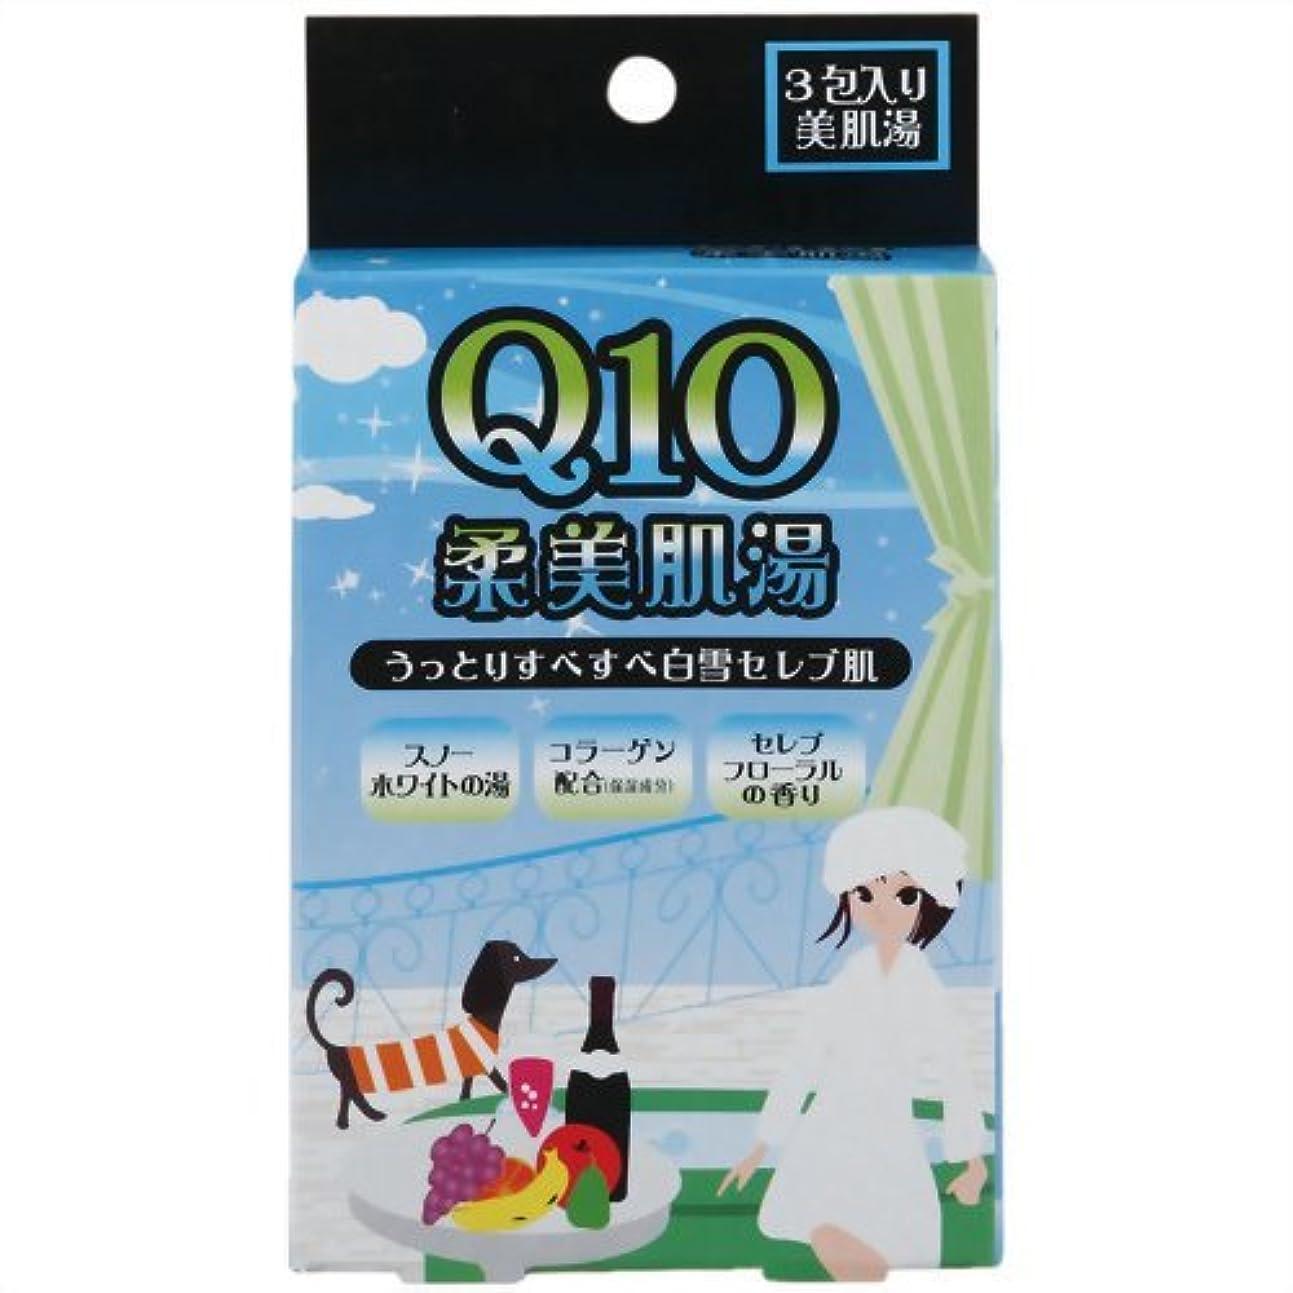 内向き機知に富んだ限界紀陽除虫菊 Q10 柔美肌湯 (セレブフローラルの香り)【まとめ買い10個セット】 N-8372